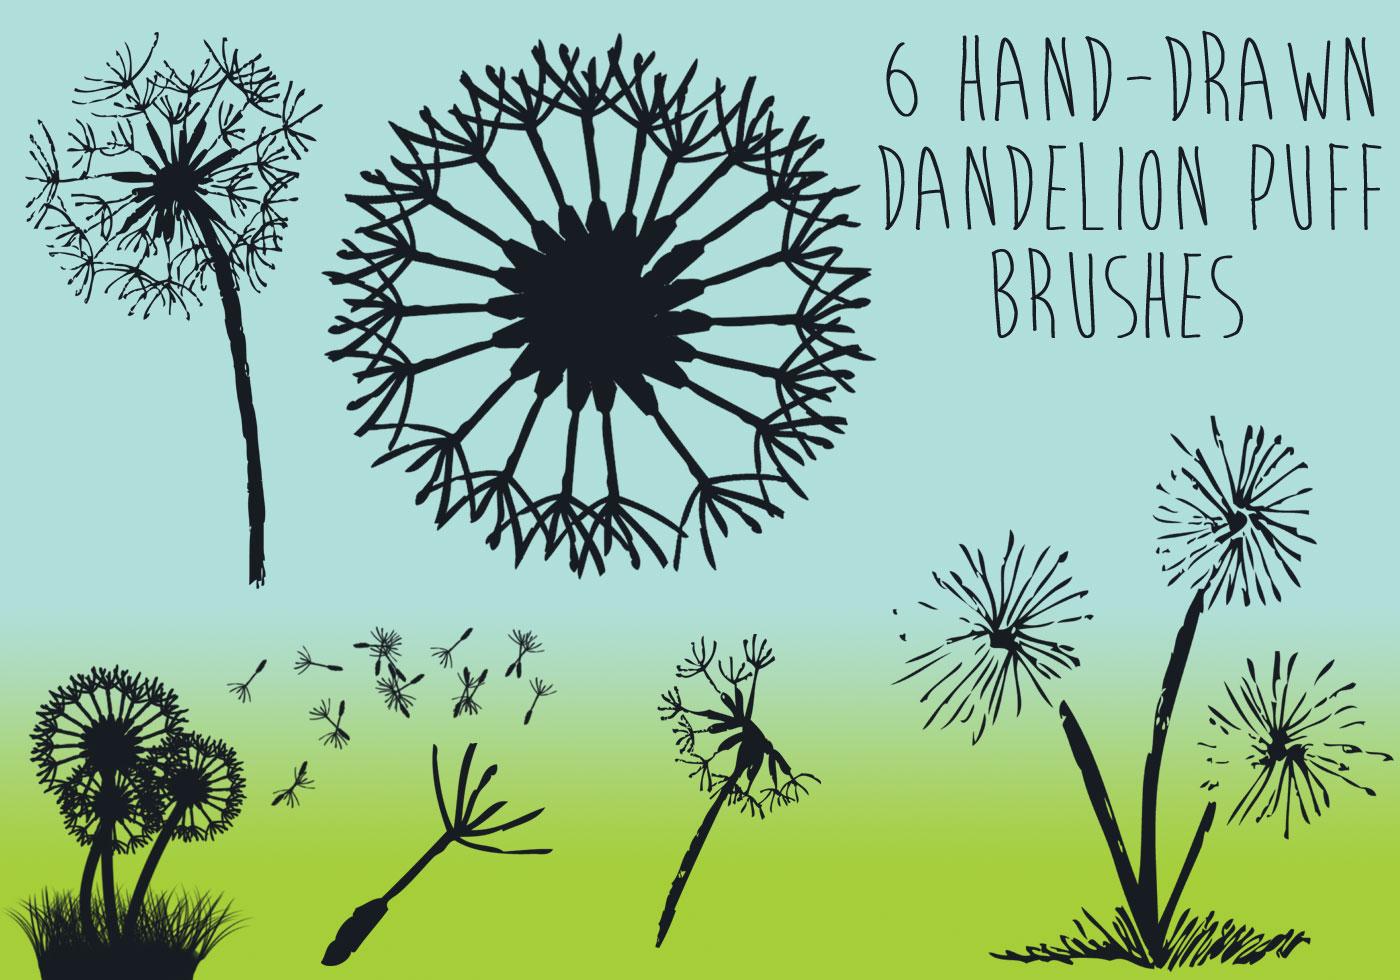 Dandelion Puff Brushes Free Photoshop Brushes At Brusheezy